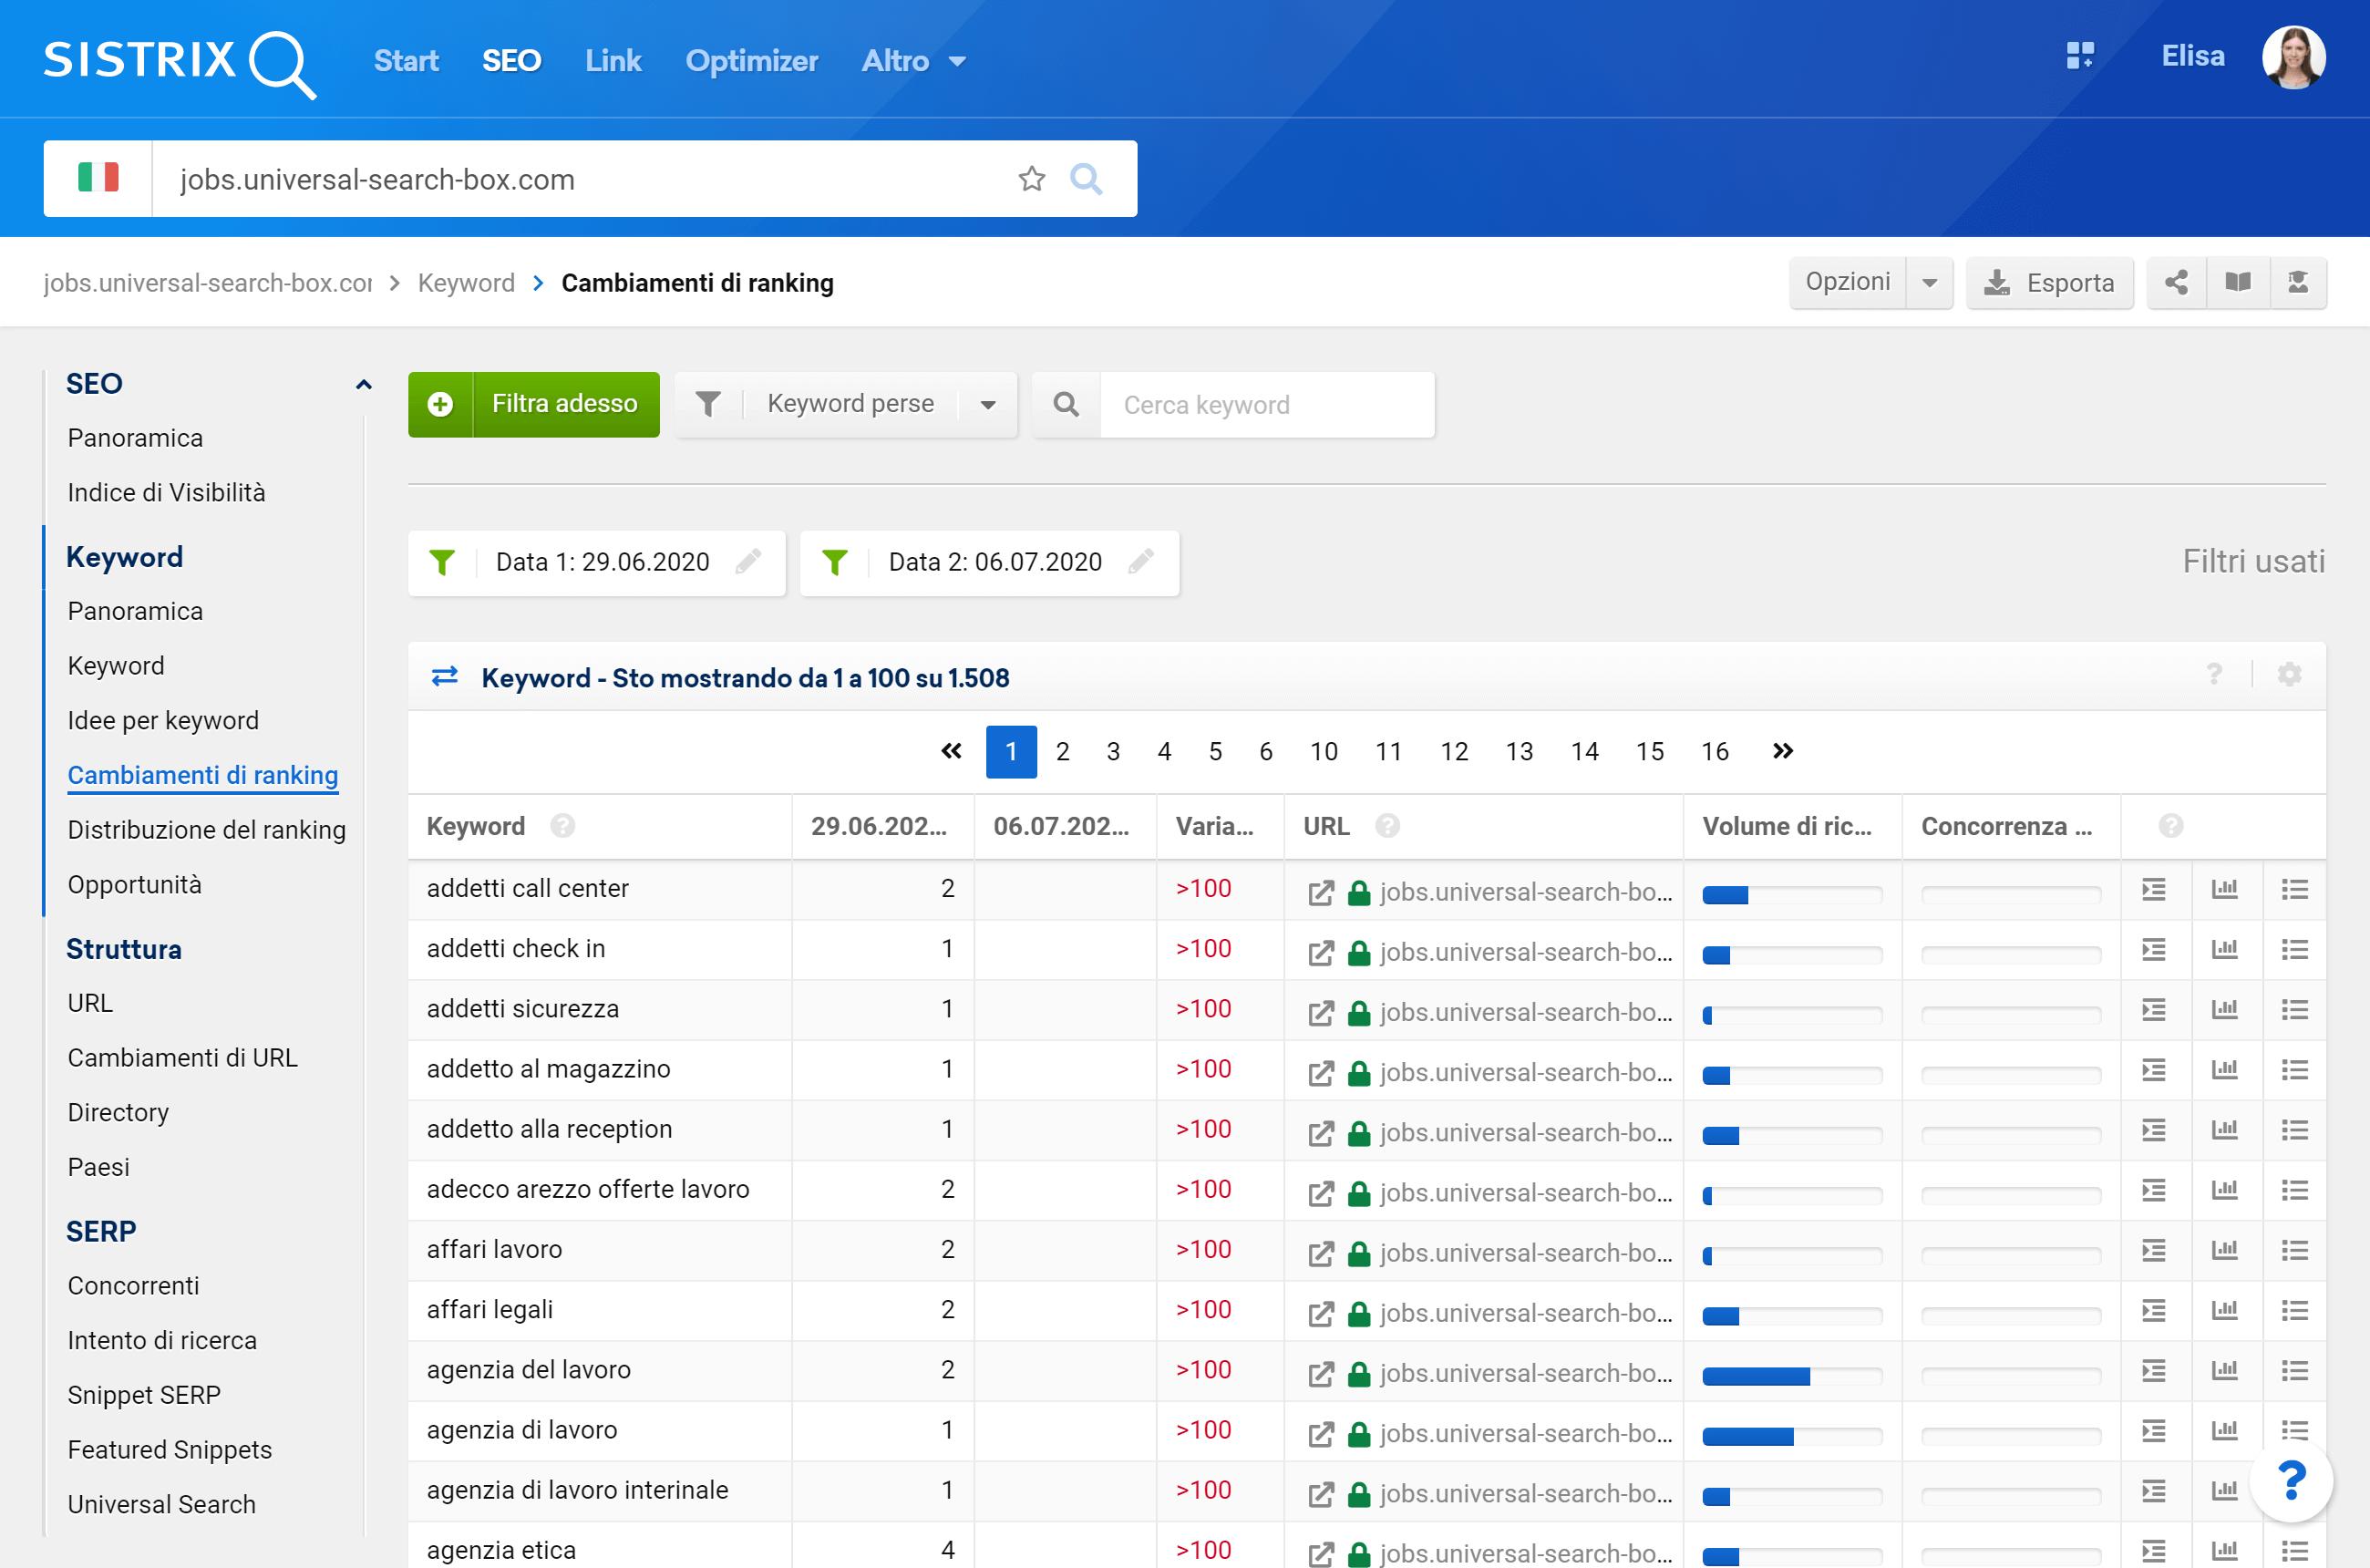 Keyword perse di Google Jobs tra il 29 giugno 2020 e il 6 luglio 2020